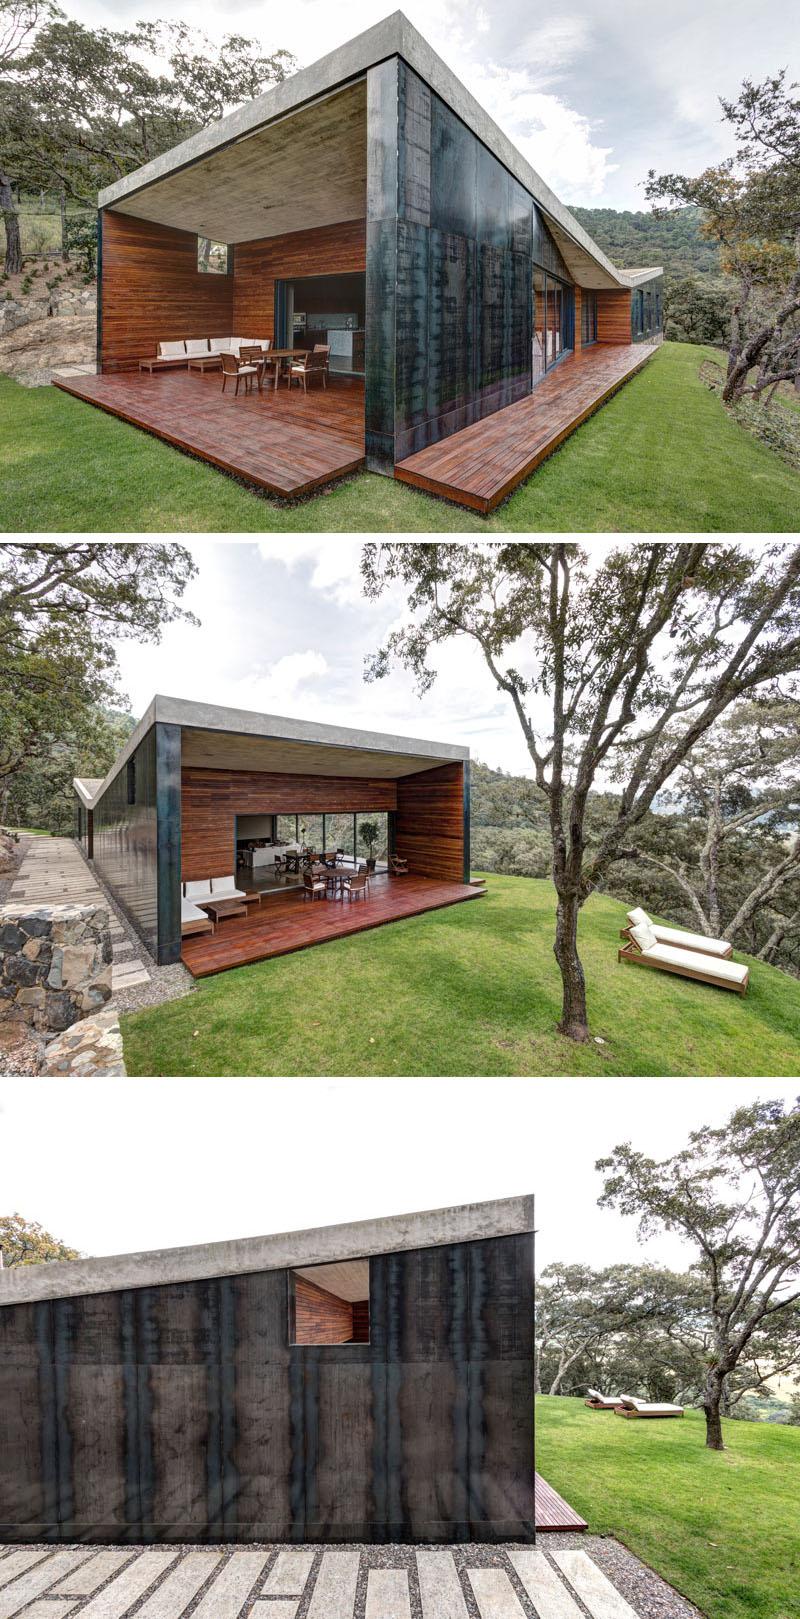 Un acoperis fluture ascunde o casa moderna pe dealurile Mexicului - Un acoperis fluture ascunde o